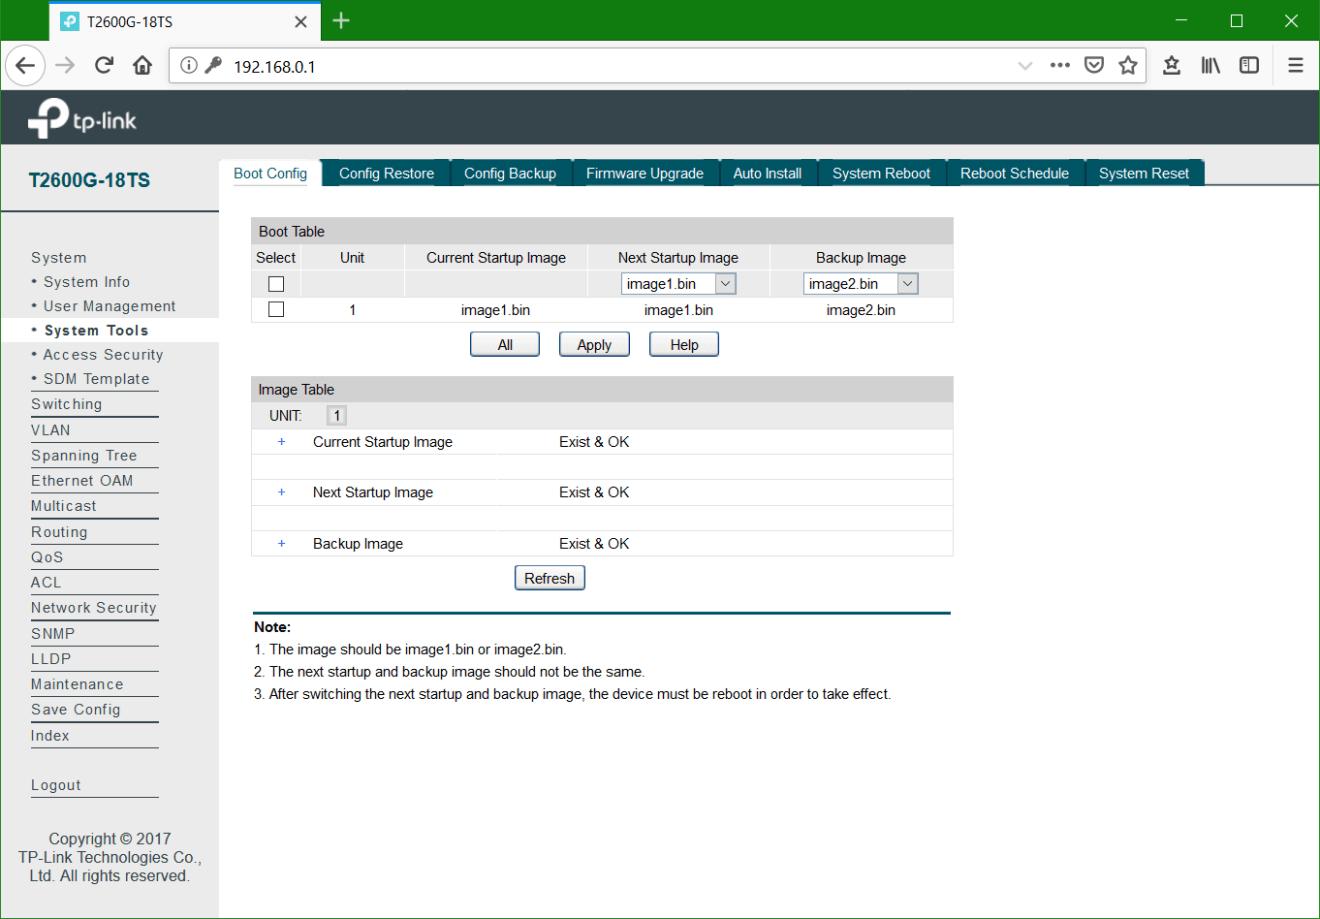 domalab.com TPLink install